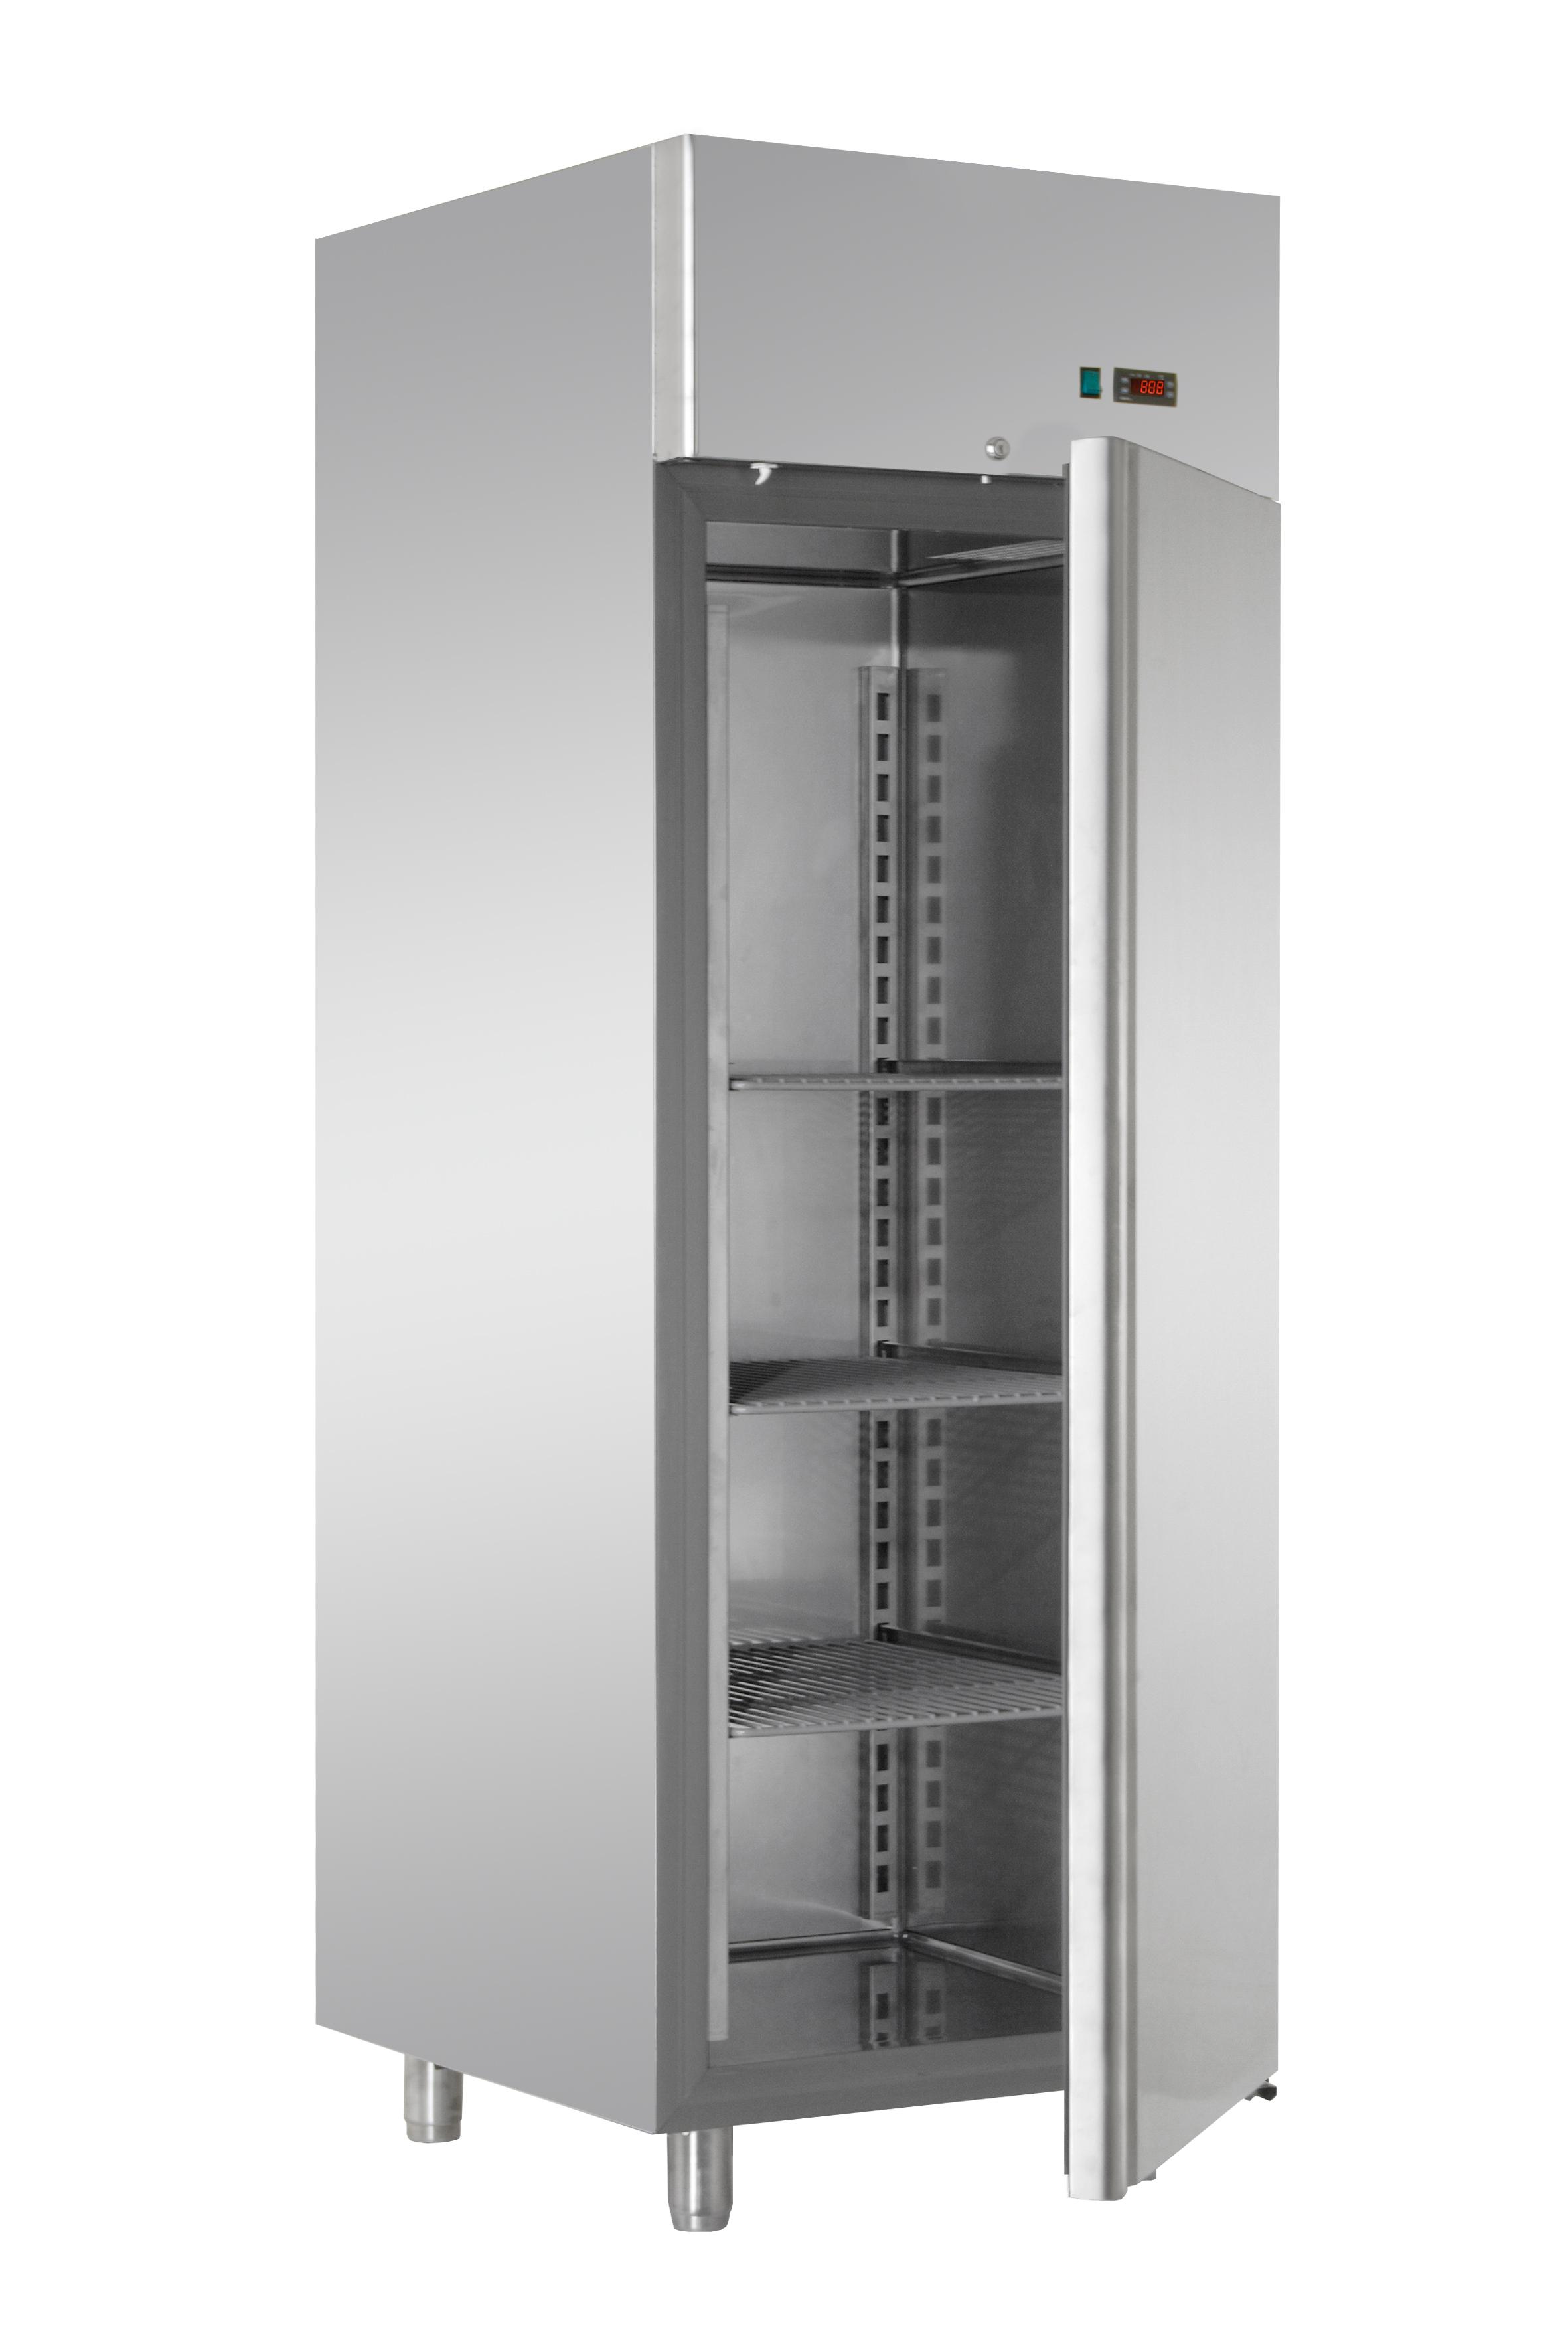 Niedlich Gastro Kühlschrank Schiebetür Bilder - Die besten ...